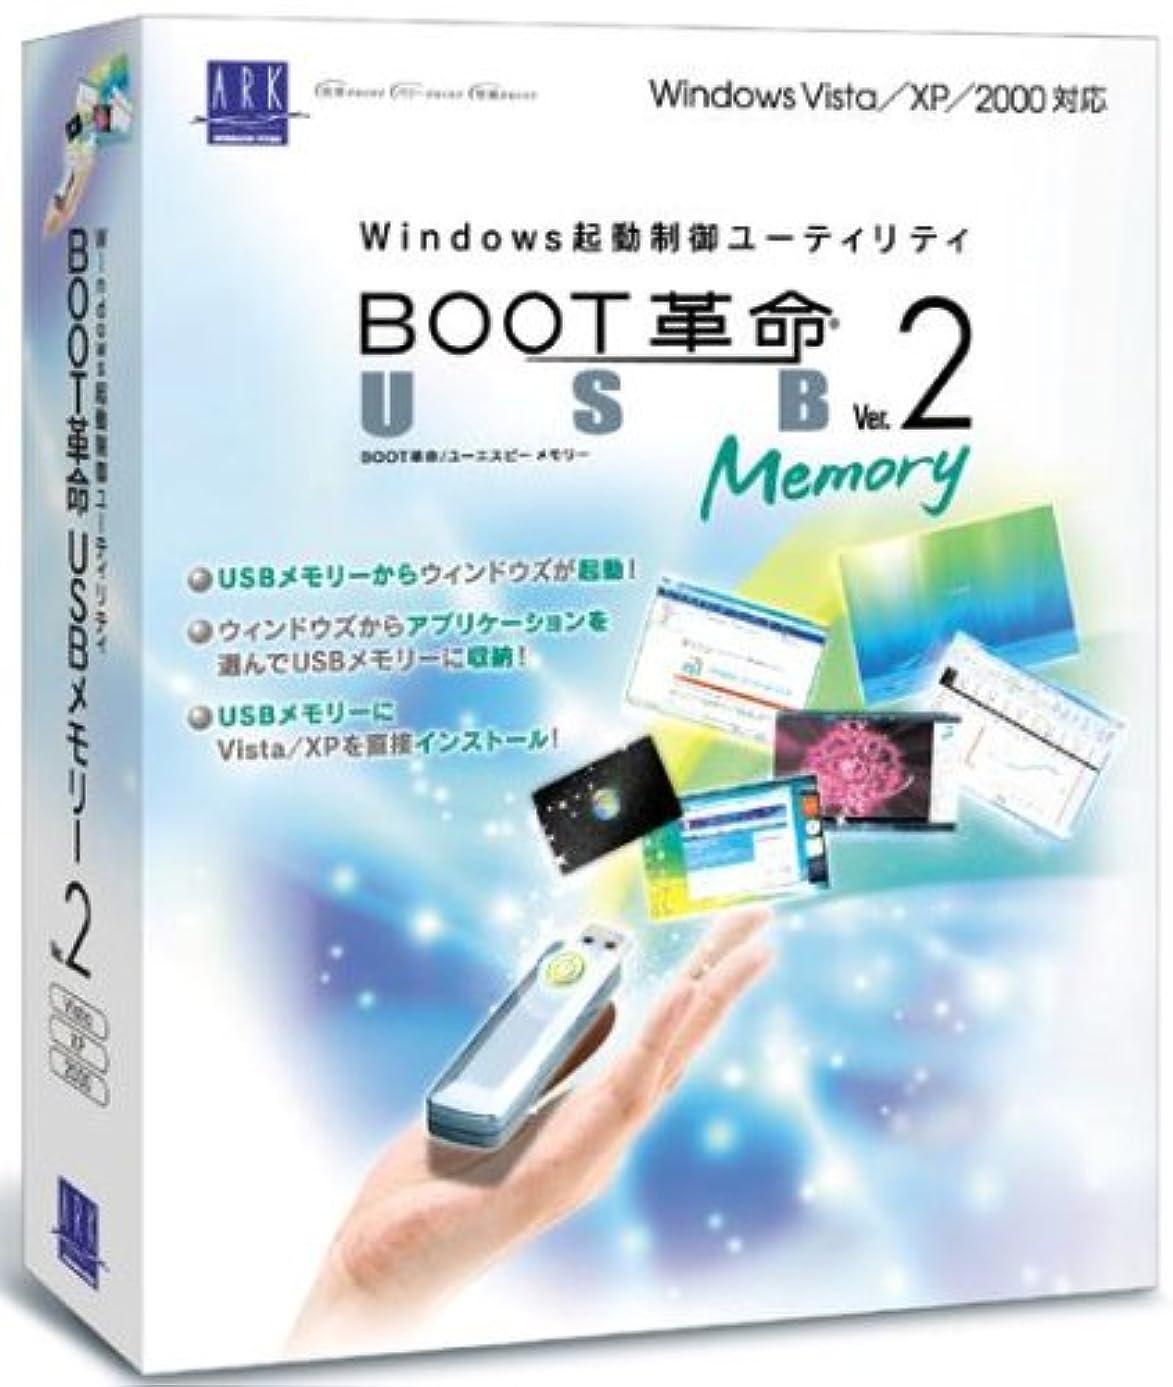 道に迷いましたヘルパー避けられないBOOT革命/USB Memory Ver.2